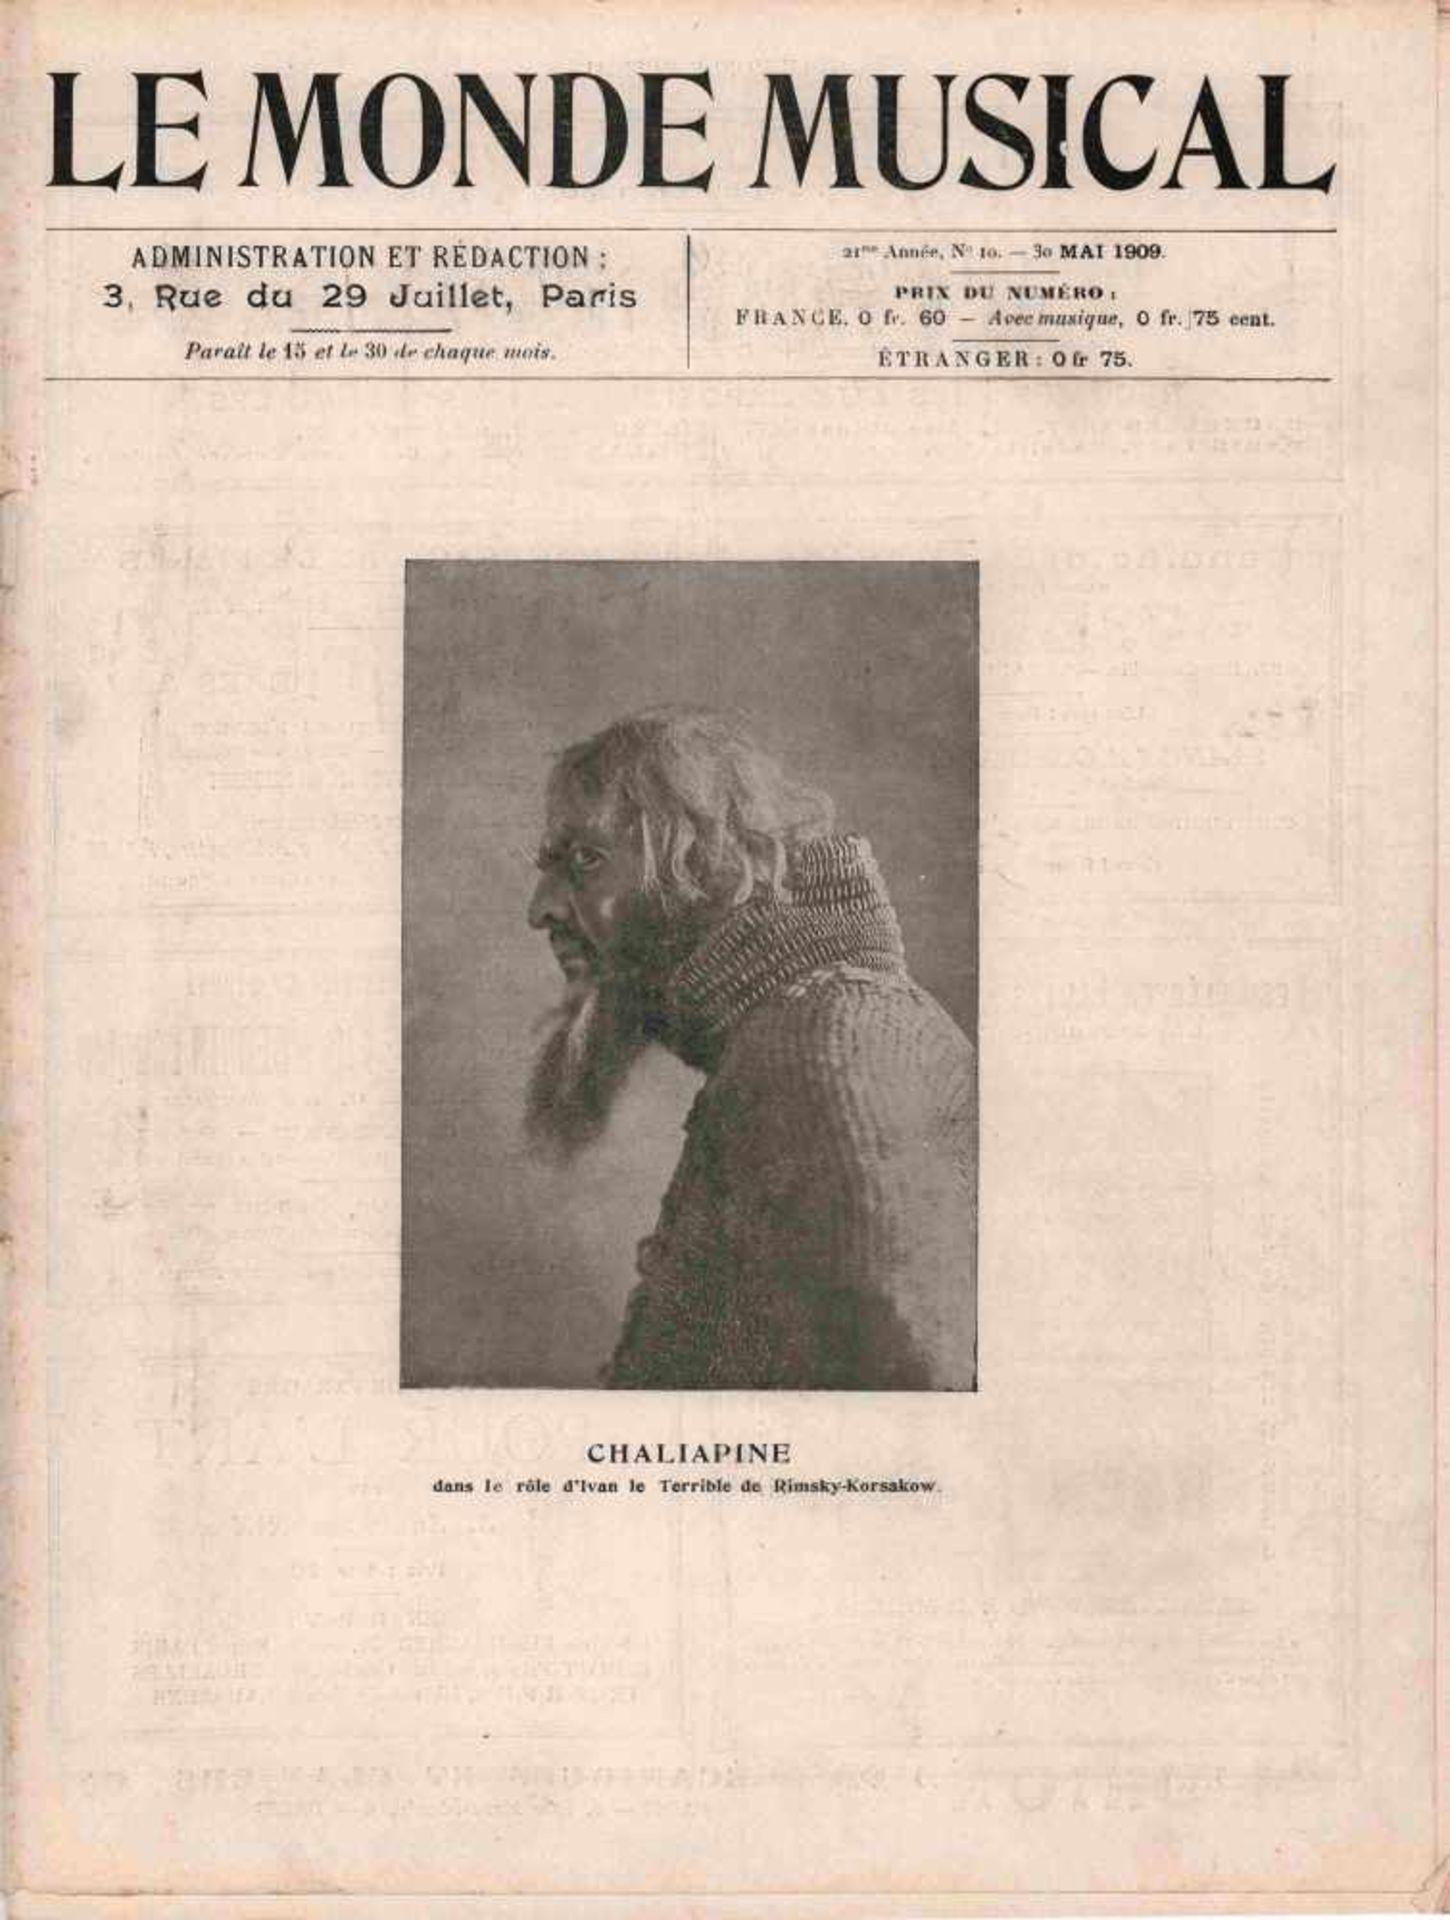 [OPERA RUSSES, CHALIAPINE] Zeitschrift Le Monde Musical Nr. 10, 30. Mai 1909. 32 x 24 cm. Auf dem